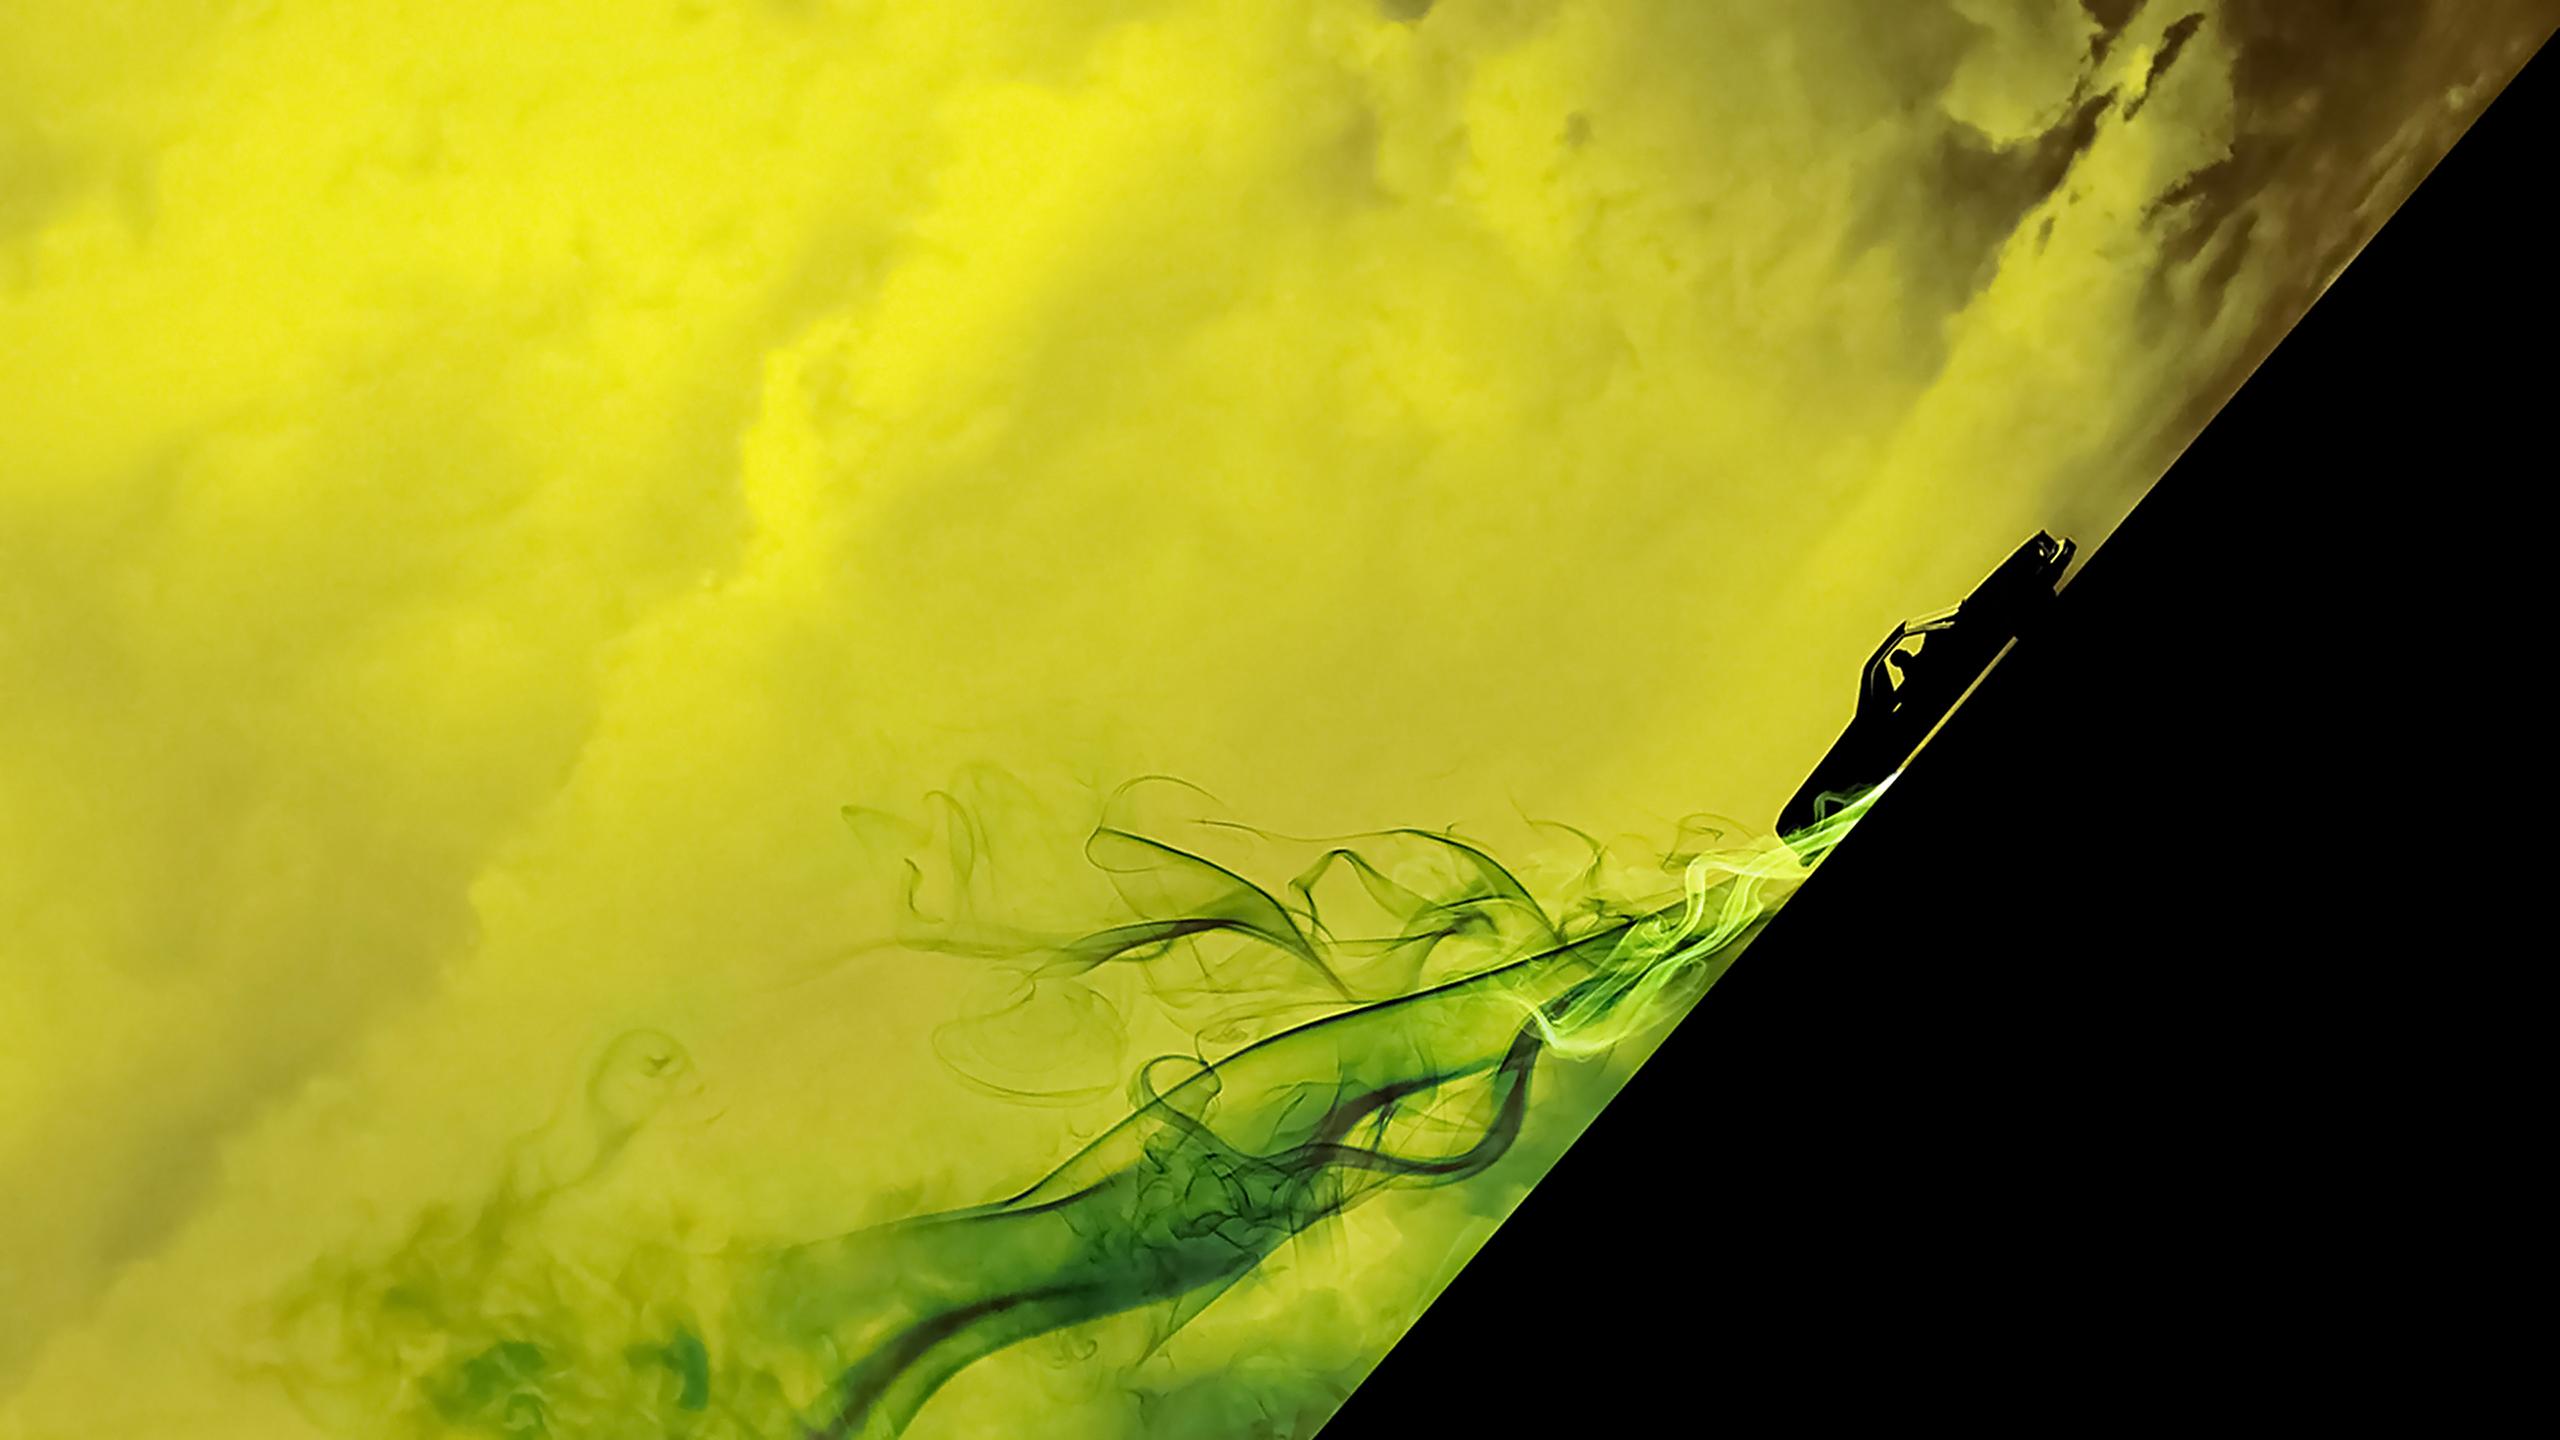 Wallpaper El Camino: A Breaking Bad Movie